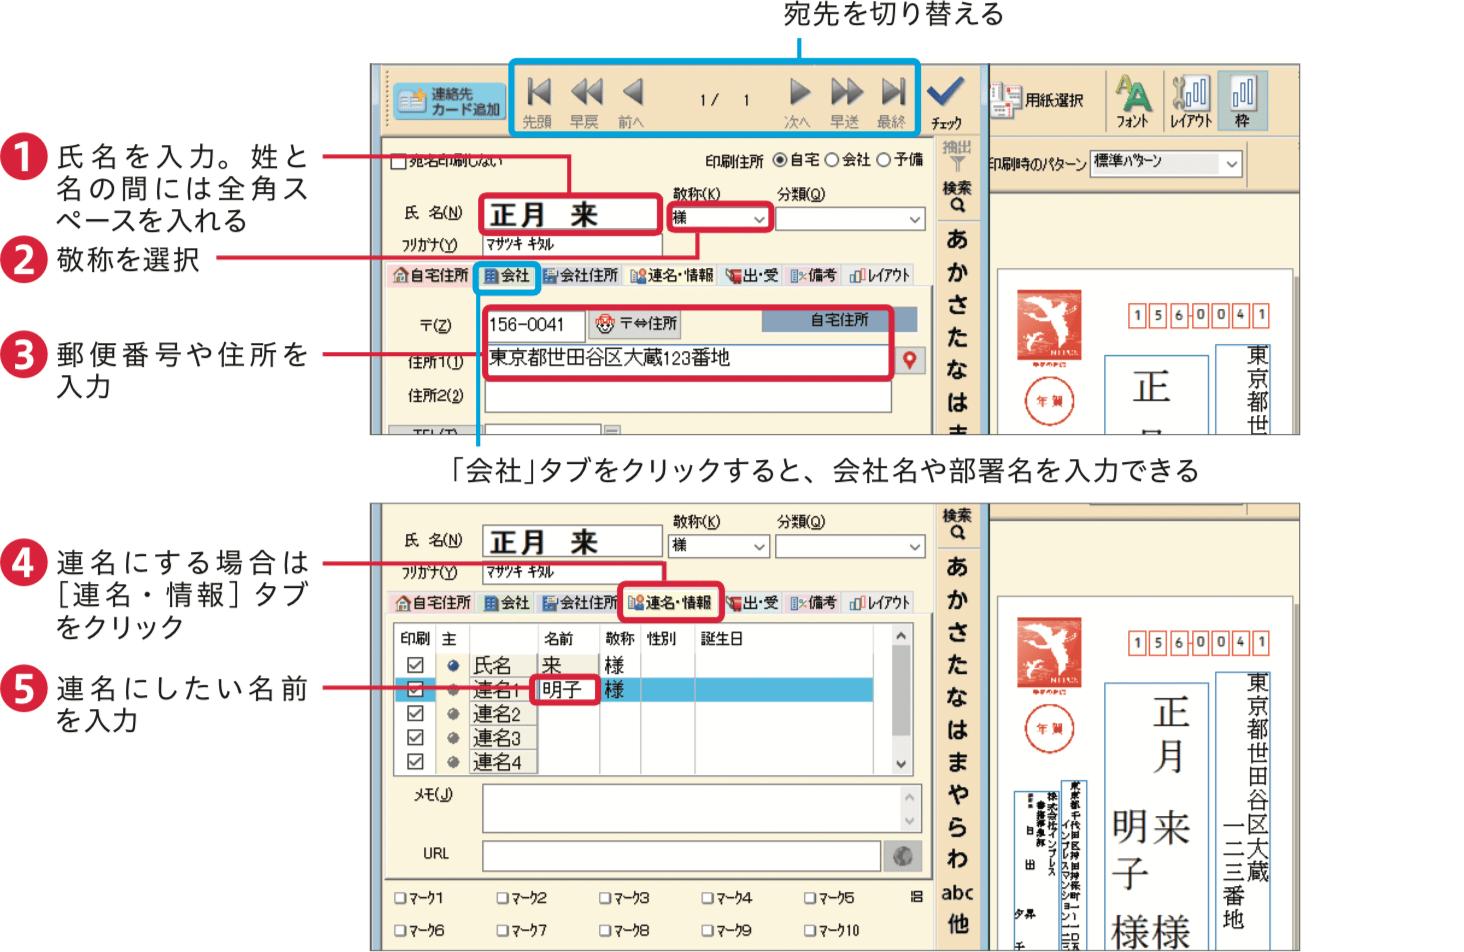 筆まめVer.28の使い方:住所録を作成する